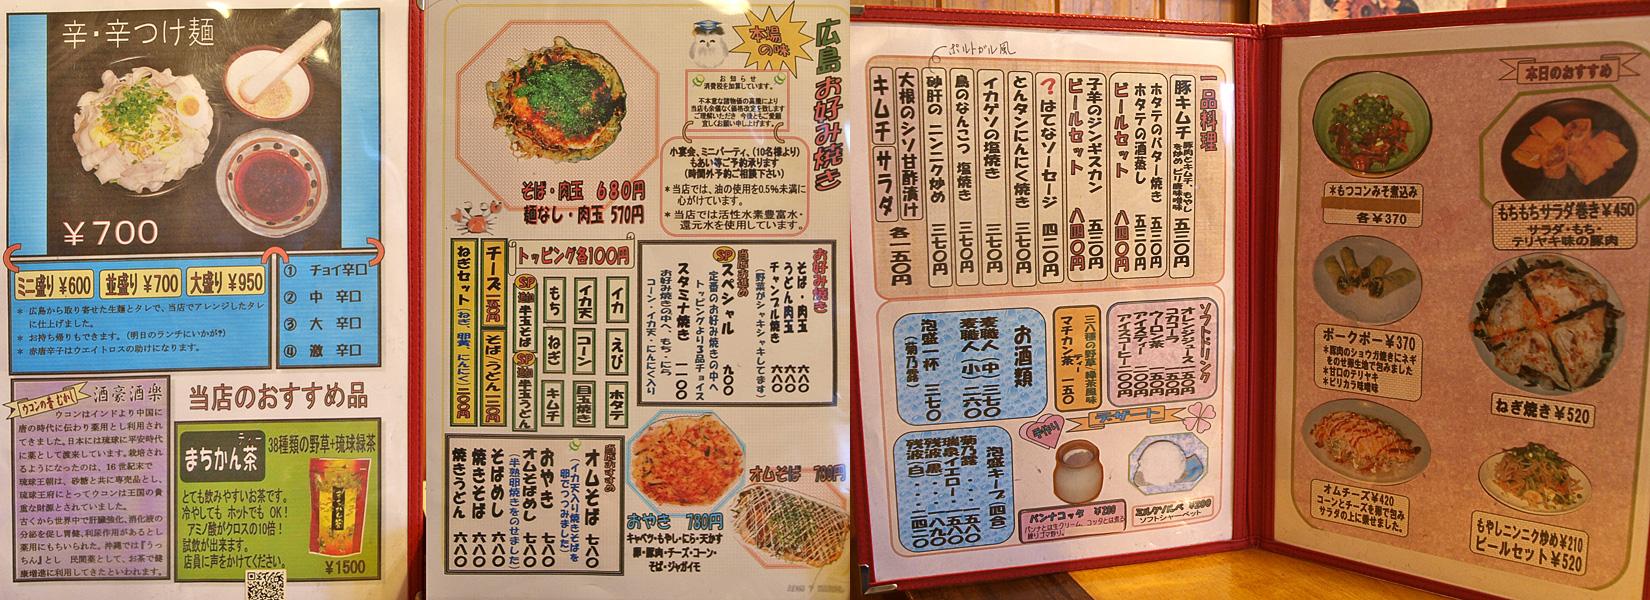 menu_all_yukurinbo.jpg